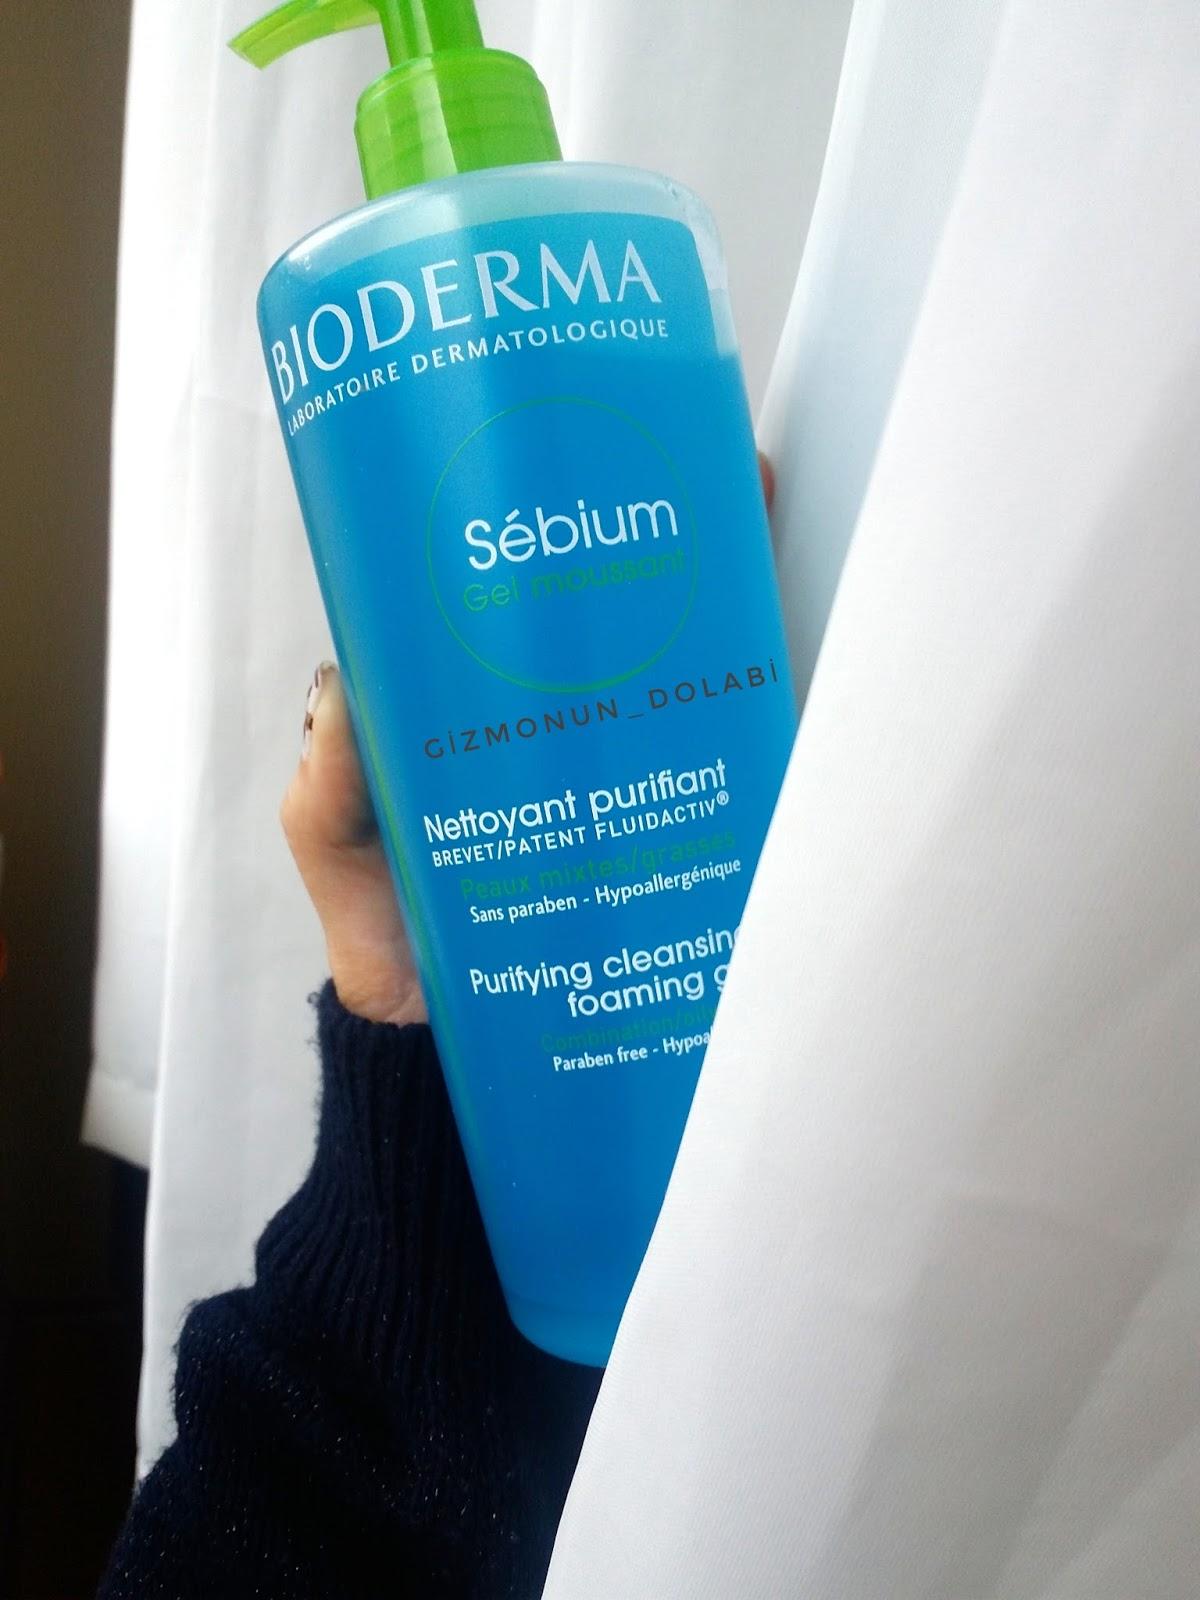 Bioderma ürünleri hakkında